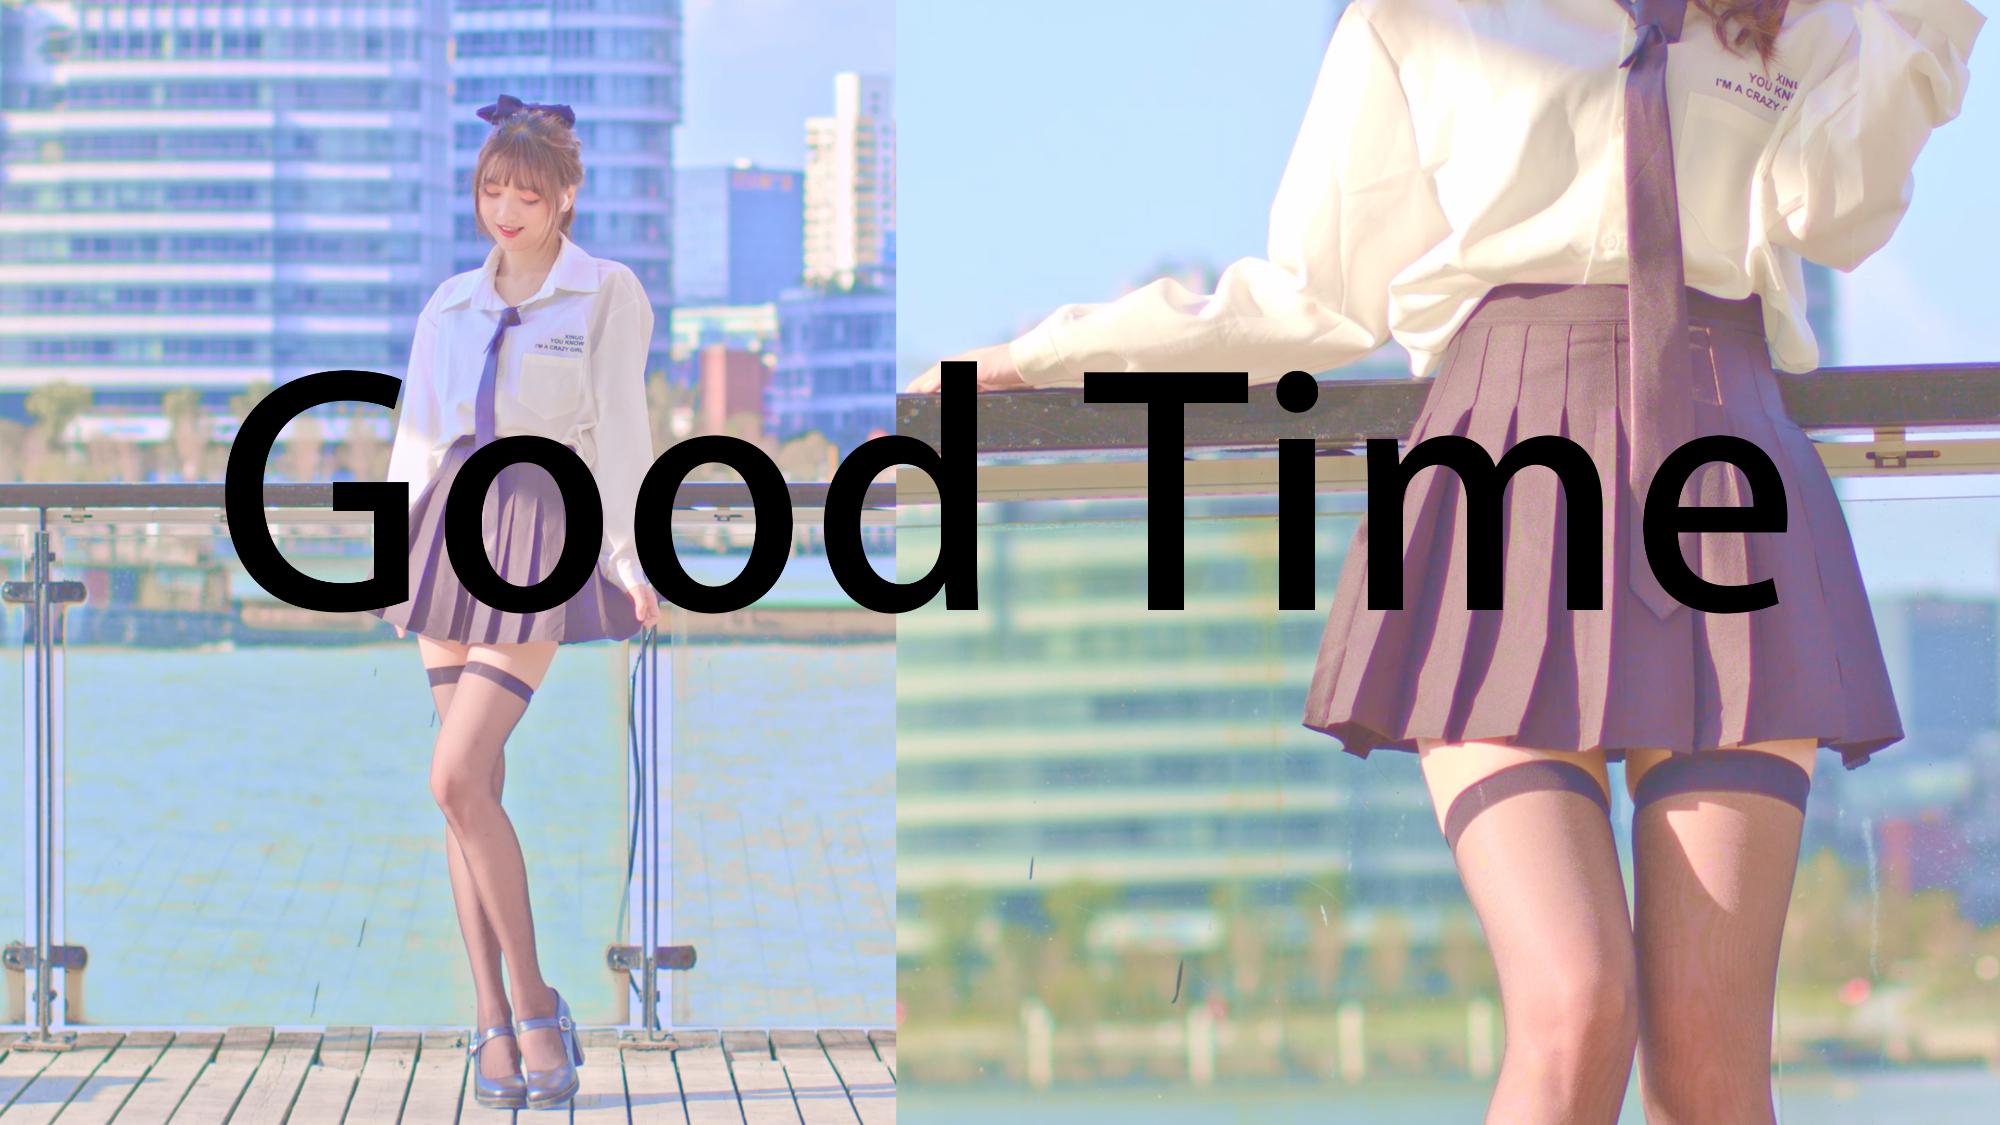 【Kyokyo】Good Time绝美好日子!